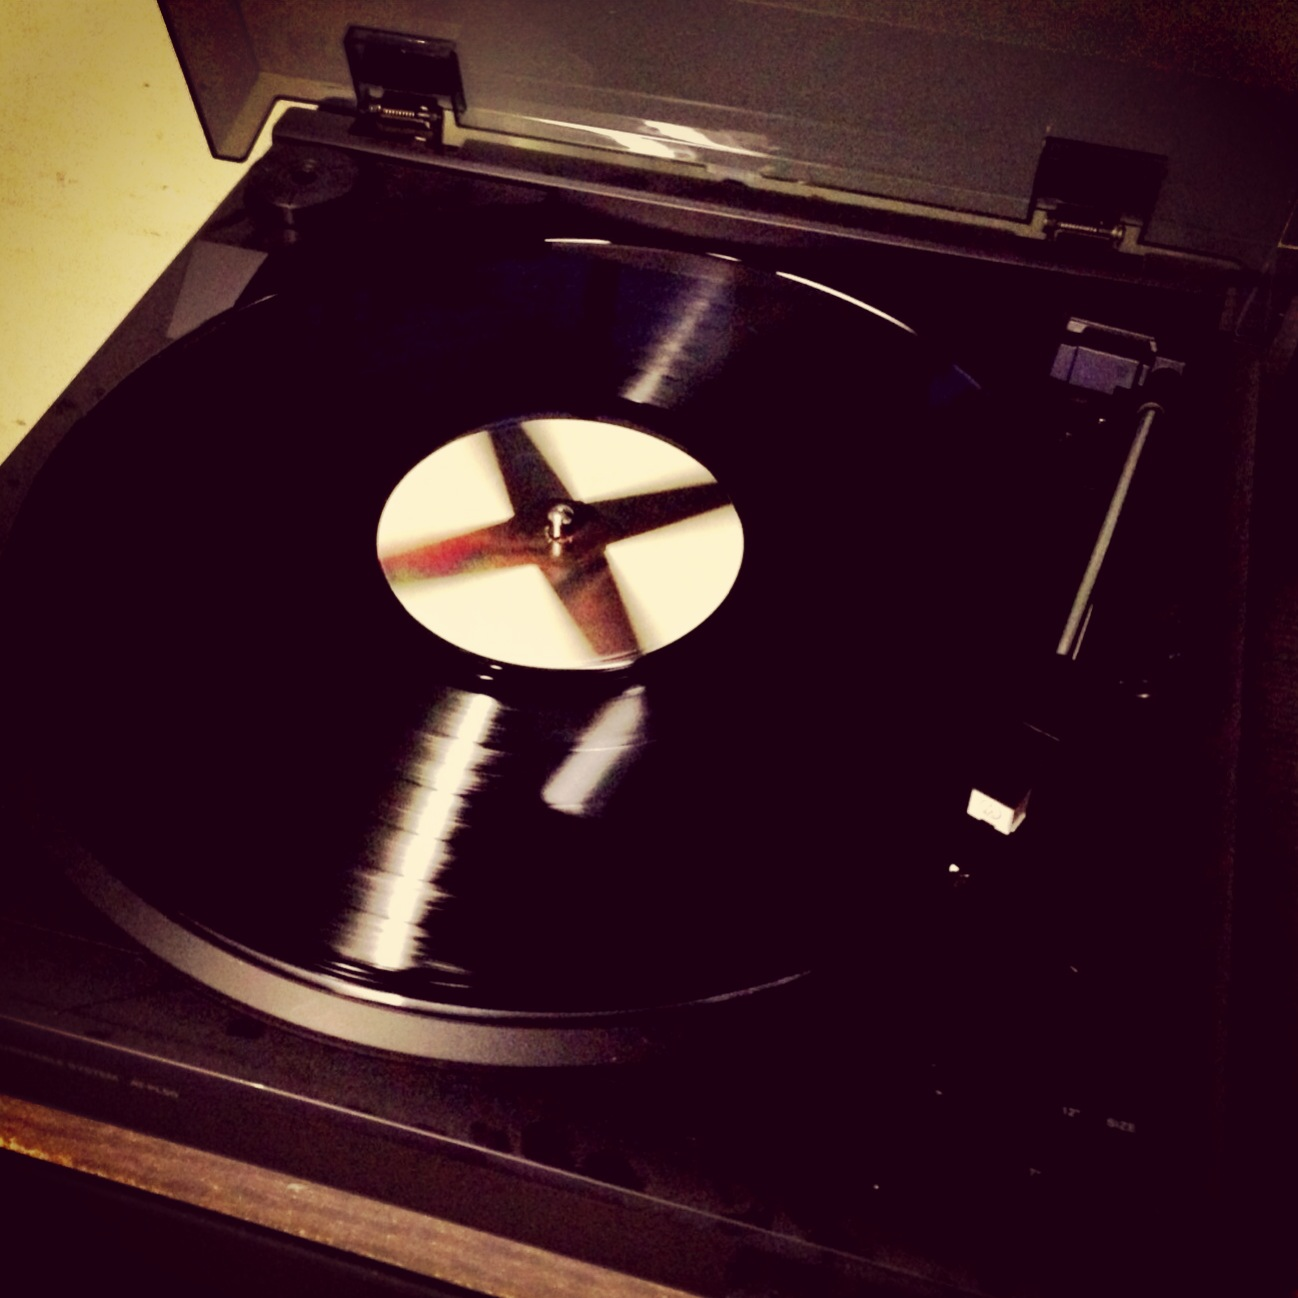 On Vinyl even!